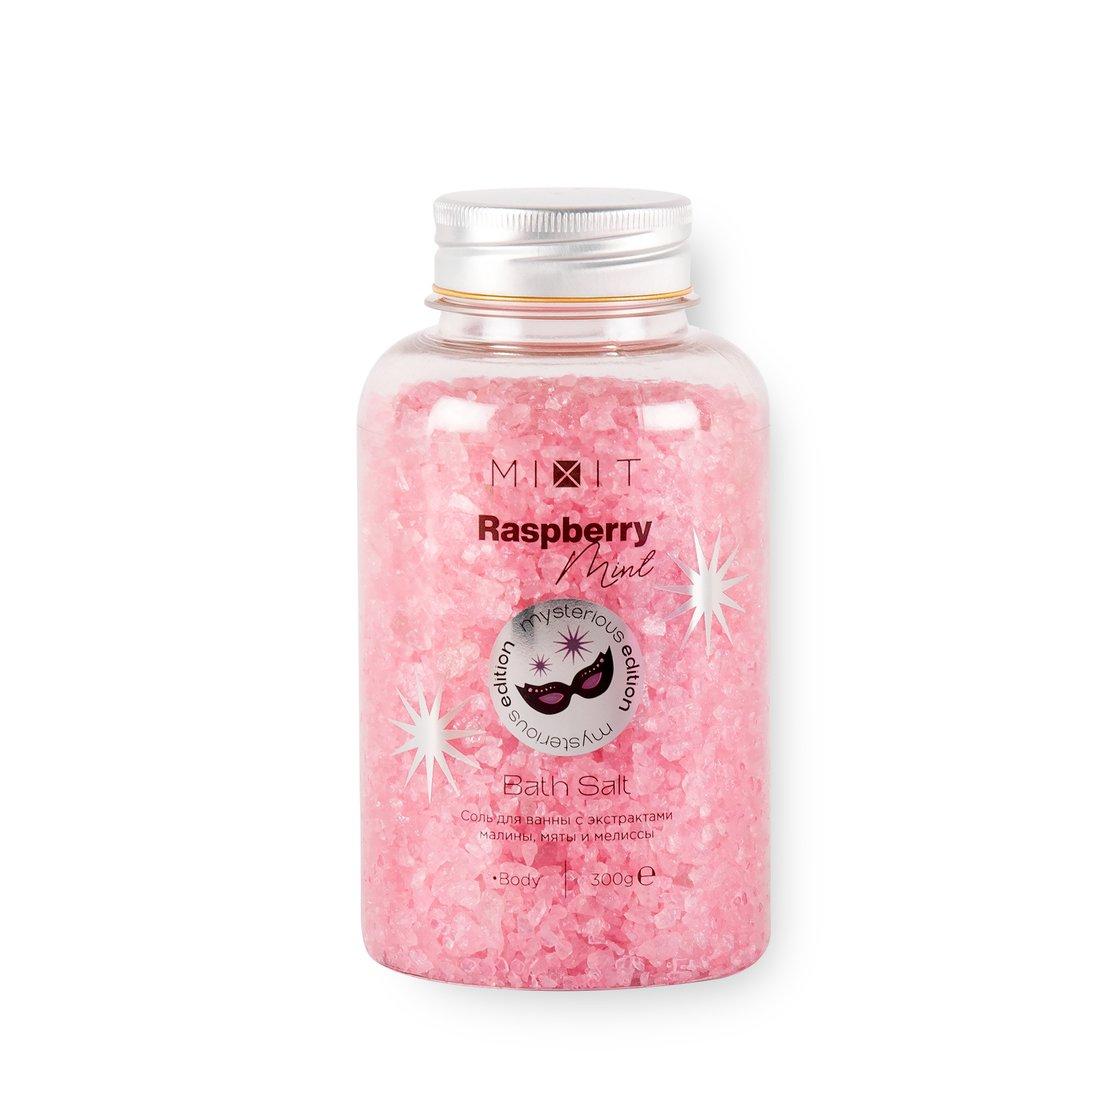 Соль для ванны с экстрактами малины, мяты и мелиссы, 300 г